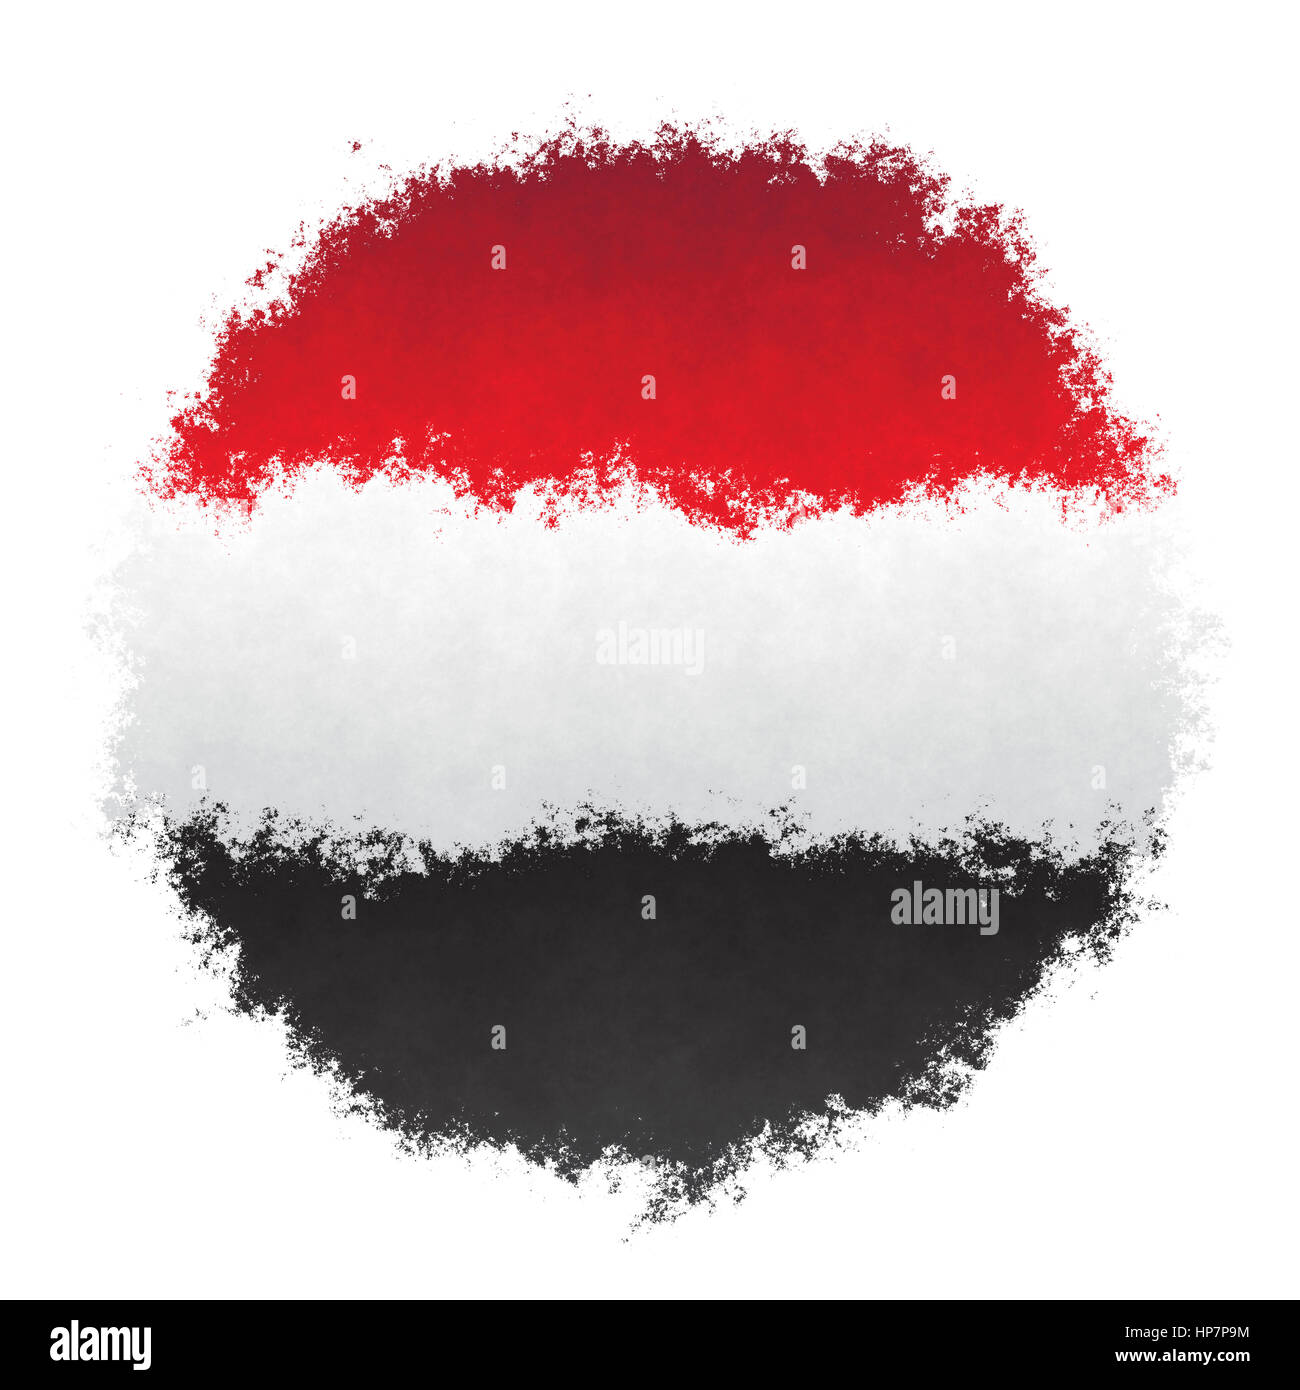 Color spray stylized flag of Yemen on white background - Stock Image